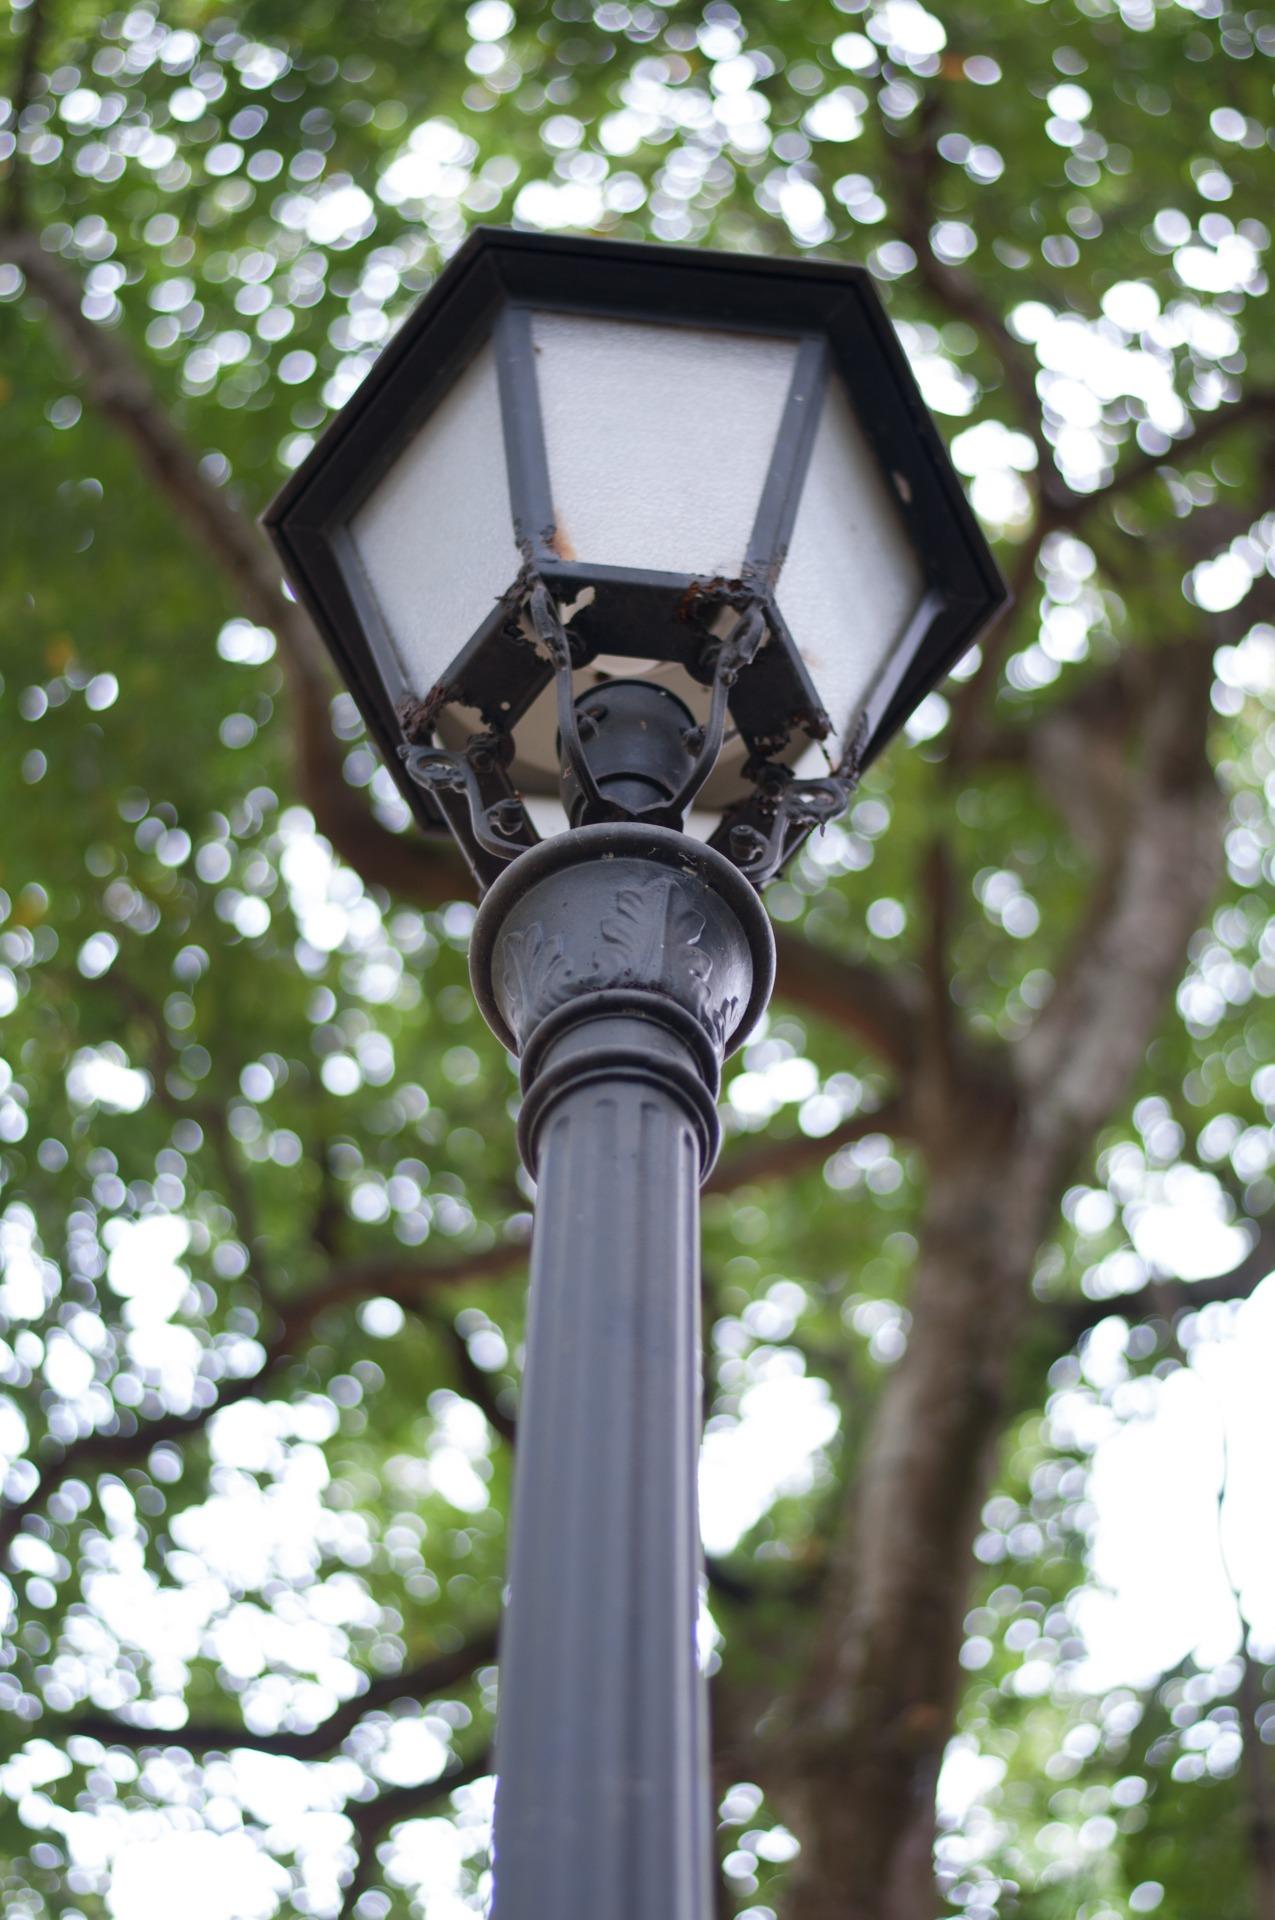 fotos gratis    u00e1rbol  ligero  ventana  verde  luz de la calle  poste de luz  l u00e1mpara